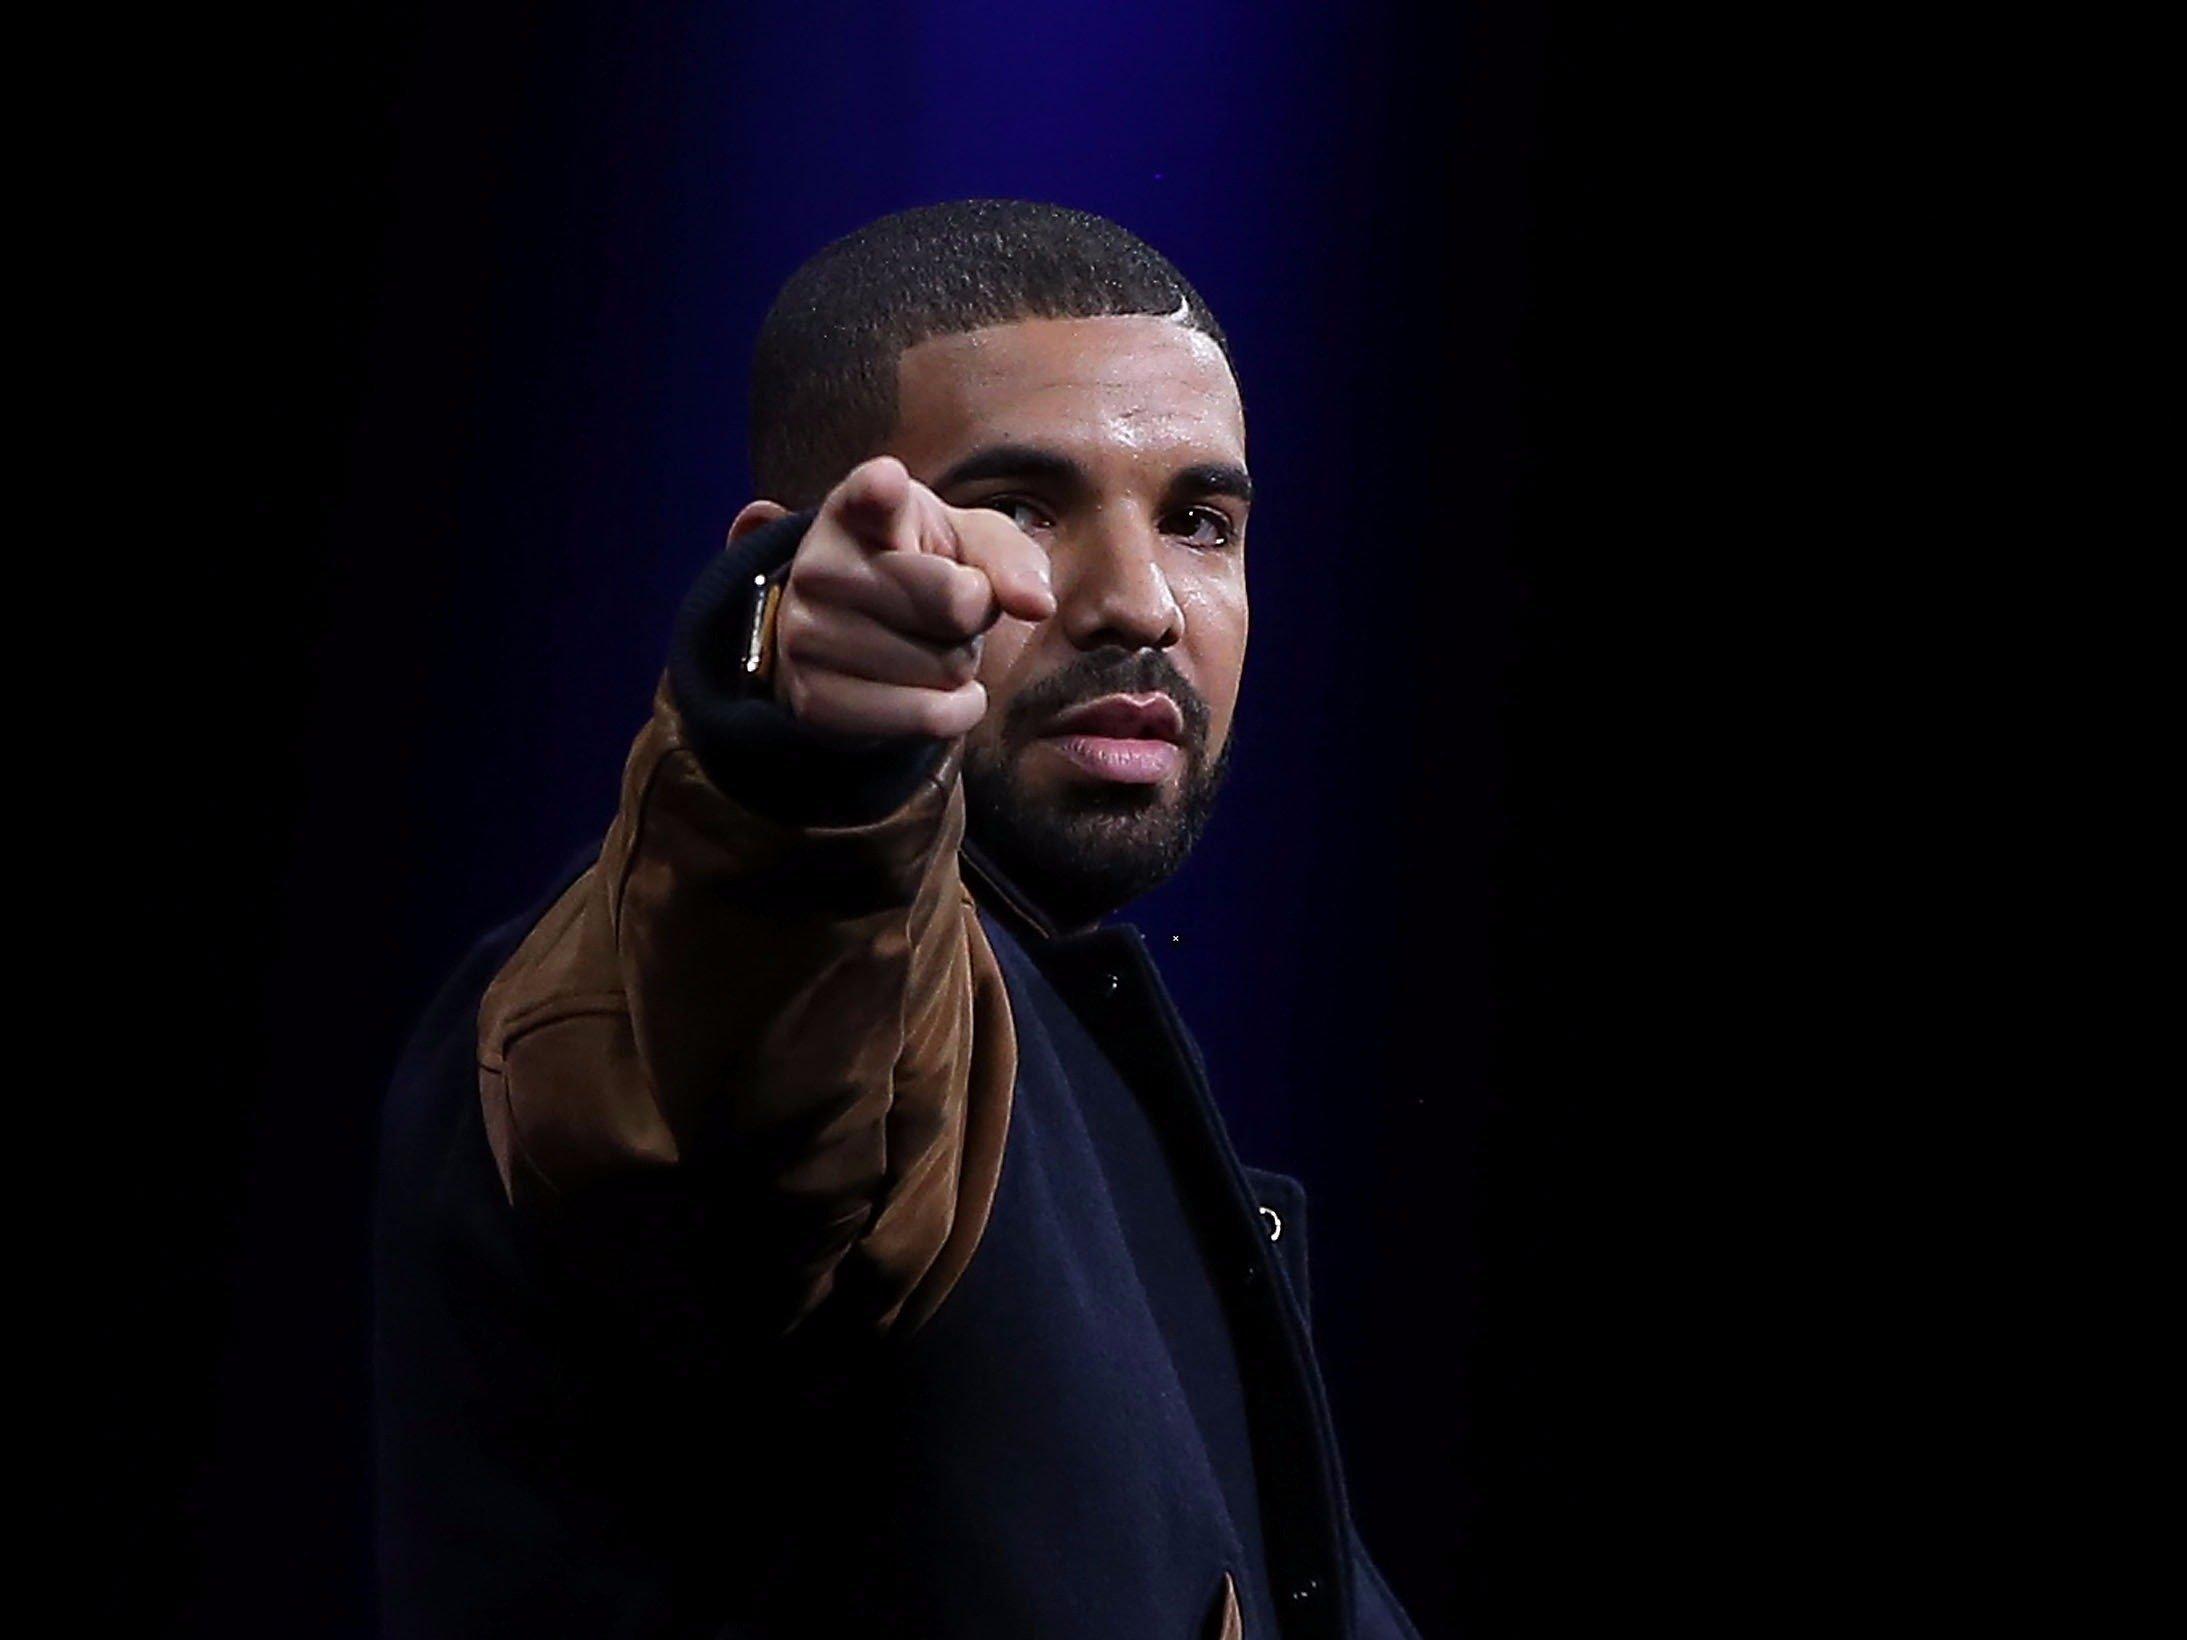 Drake for desktop background for The drake